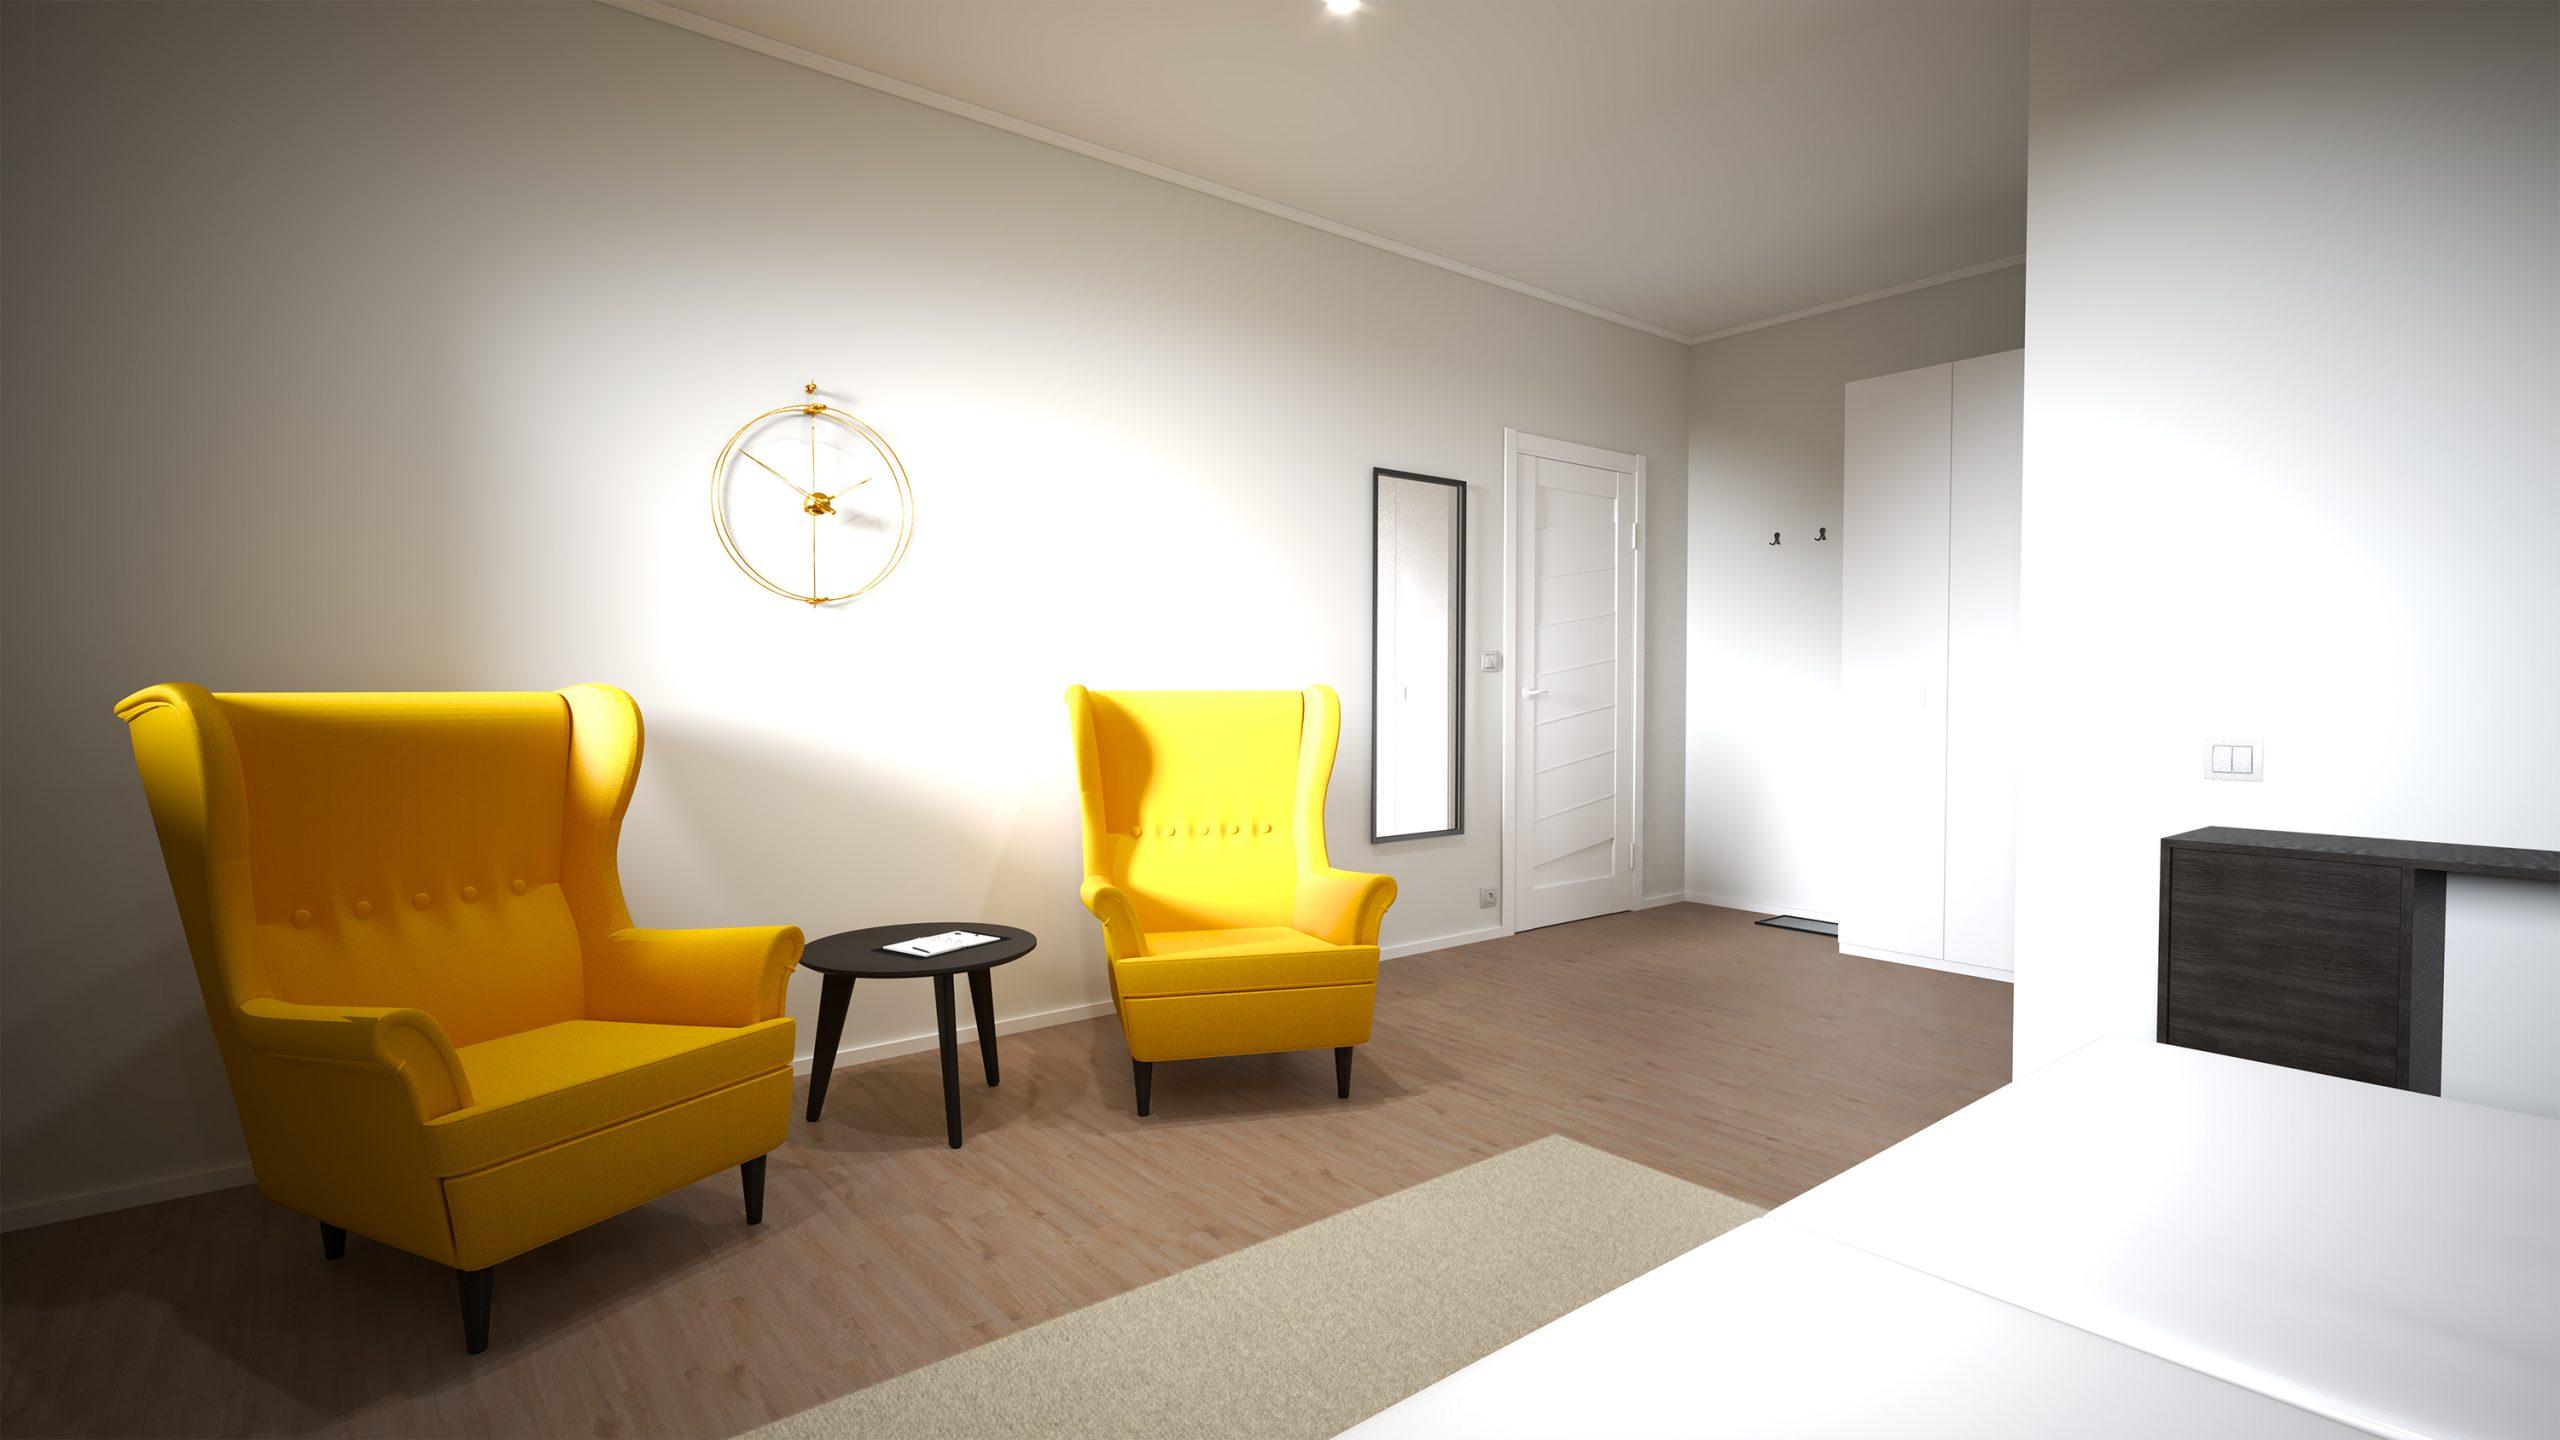 Návrh interiéru pre Hotel - Trenčianske Teplice